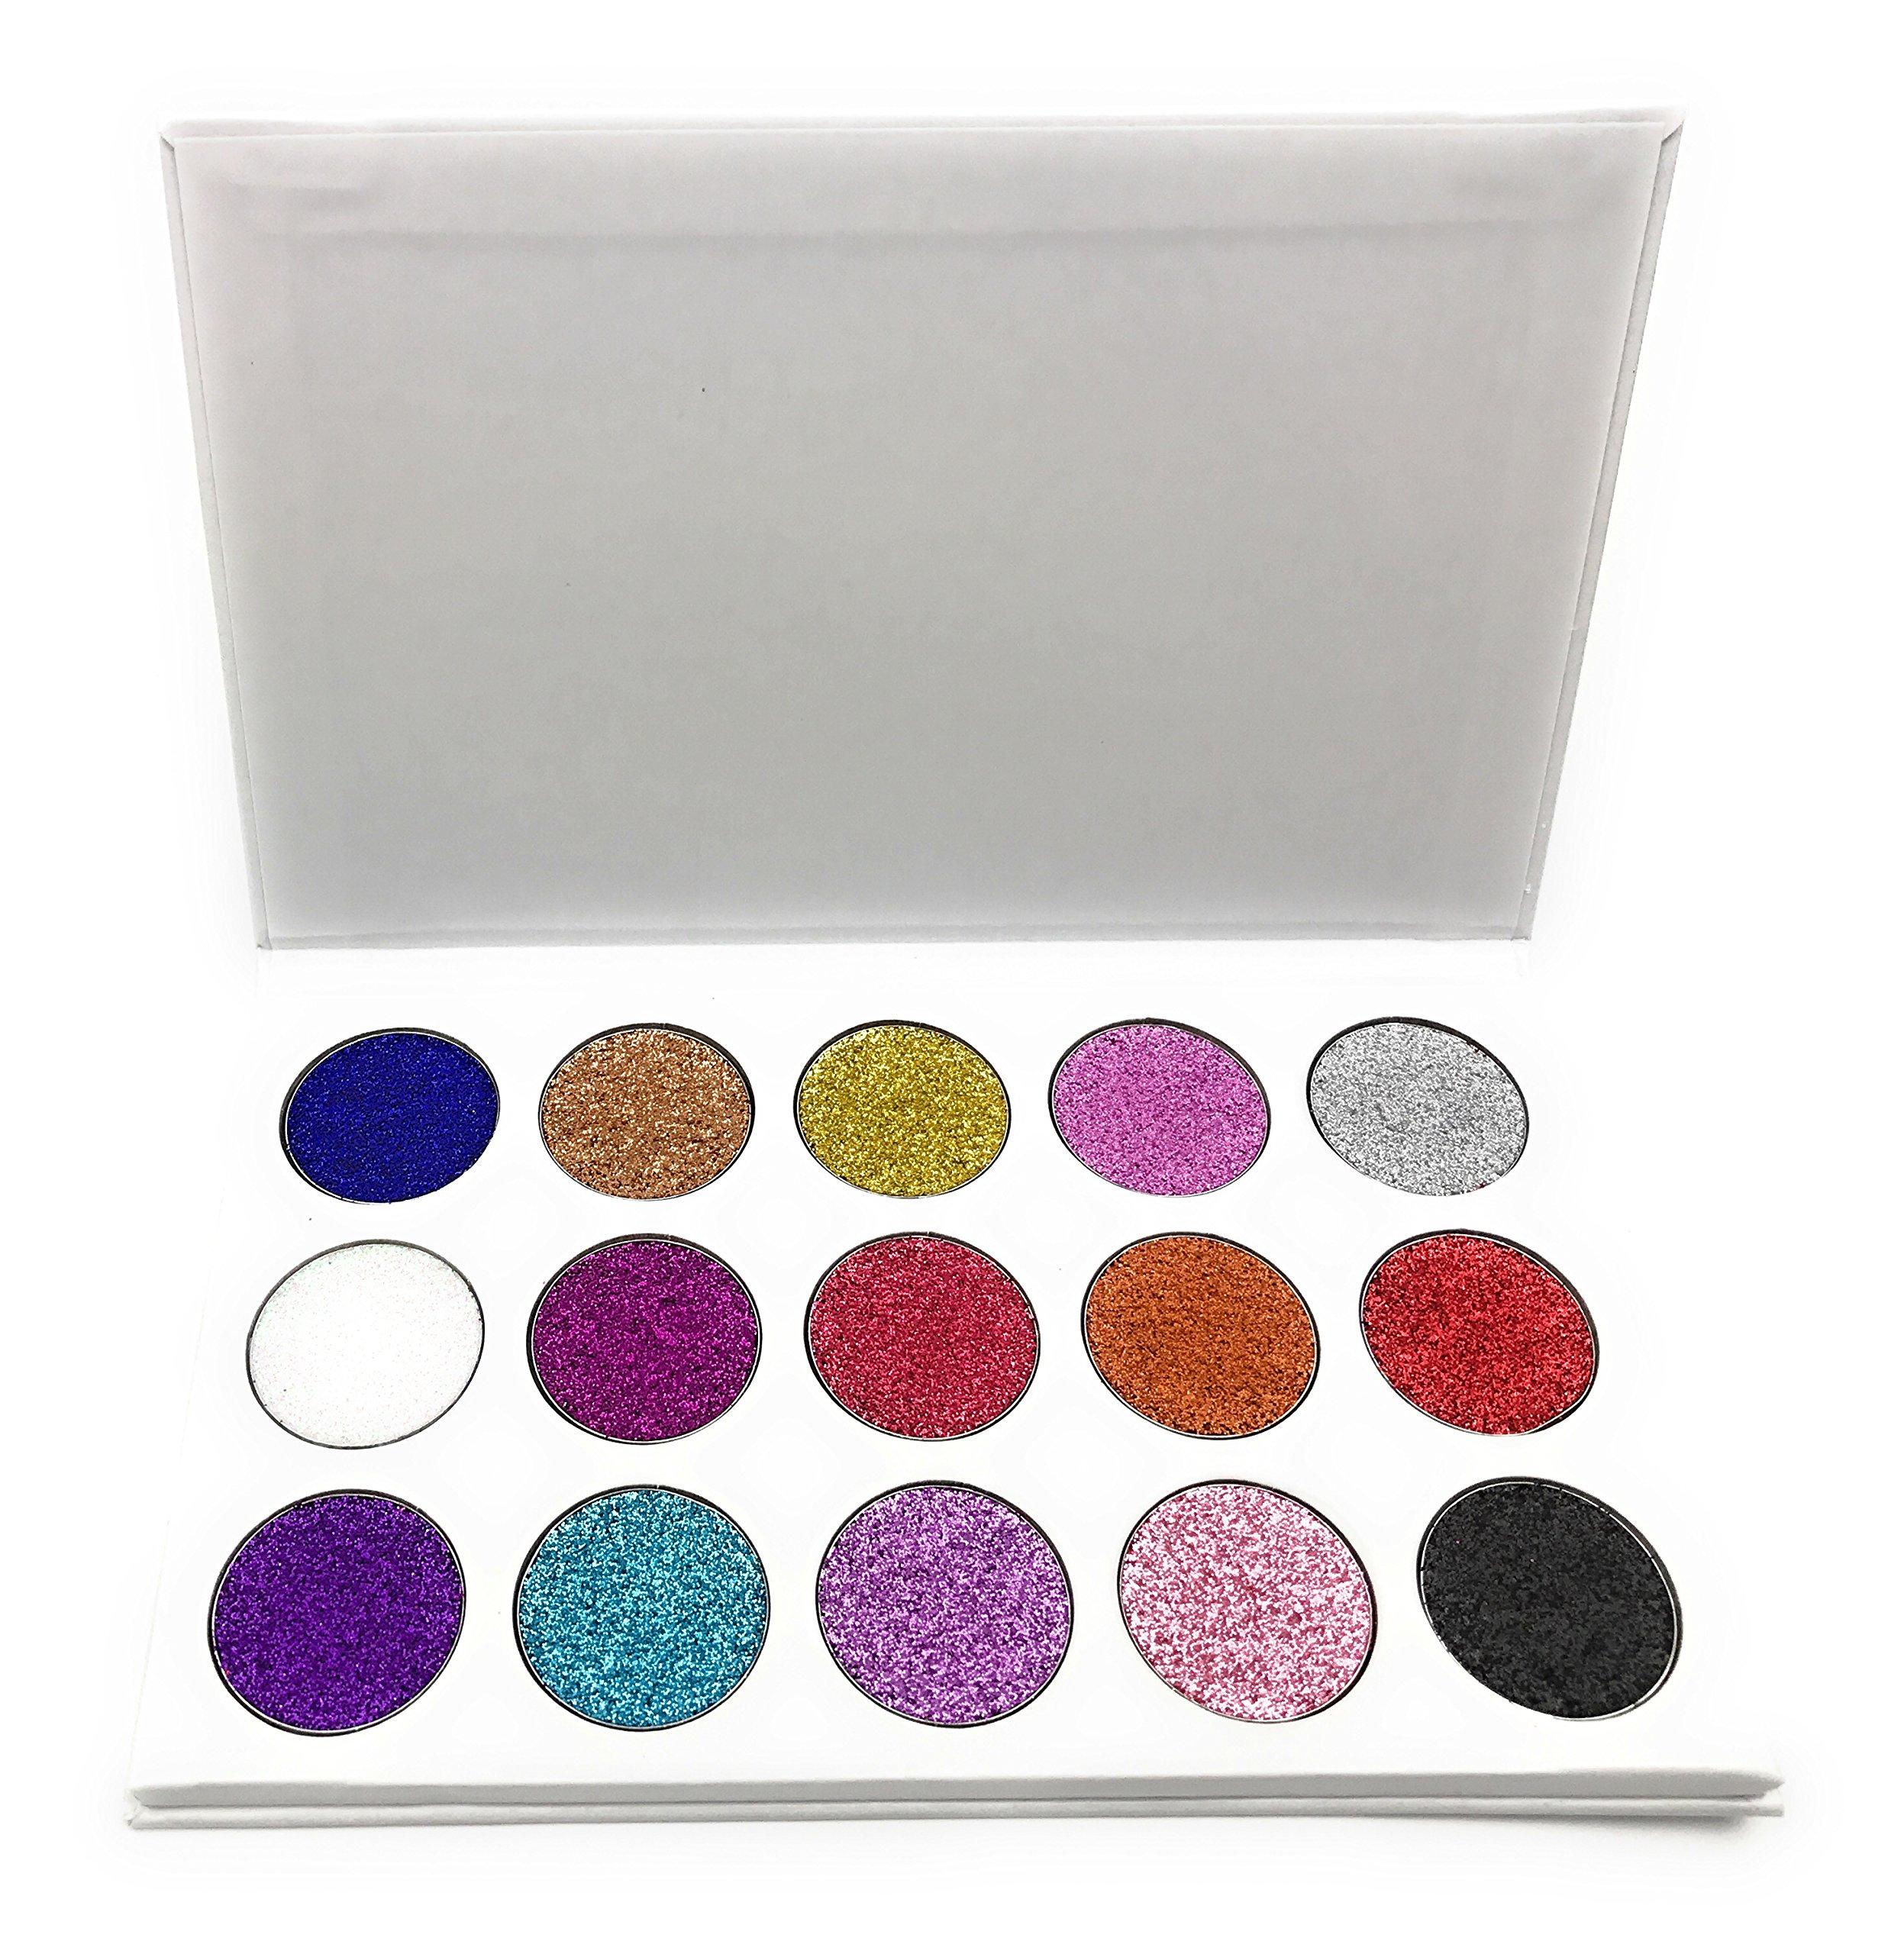 Pressed Glitter Eyeshadow Palette 15 Gel Rainbow Colors Highly Pigmented